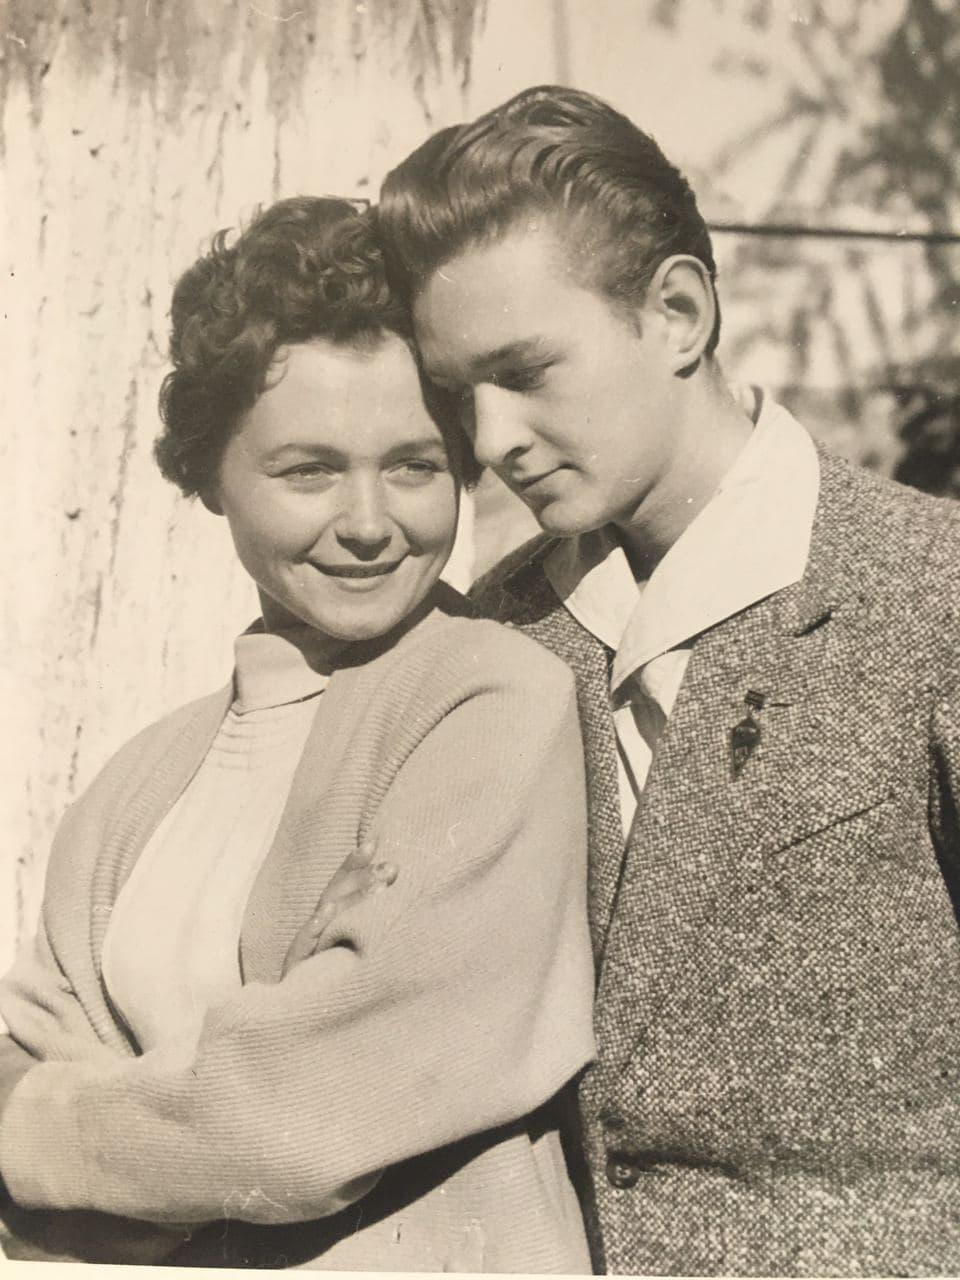 За словами Жанни Тугай, вся молодь Львова ломилася навиставу, в якій грав Роман / фото з особистого архіву Жанни Тугай